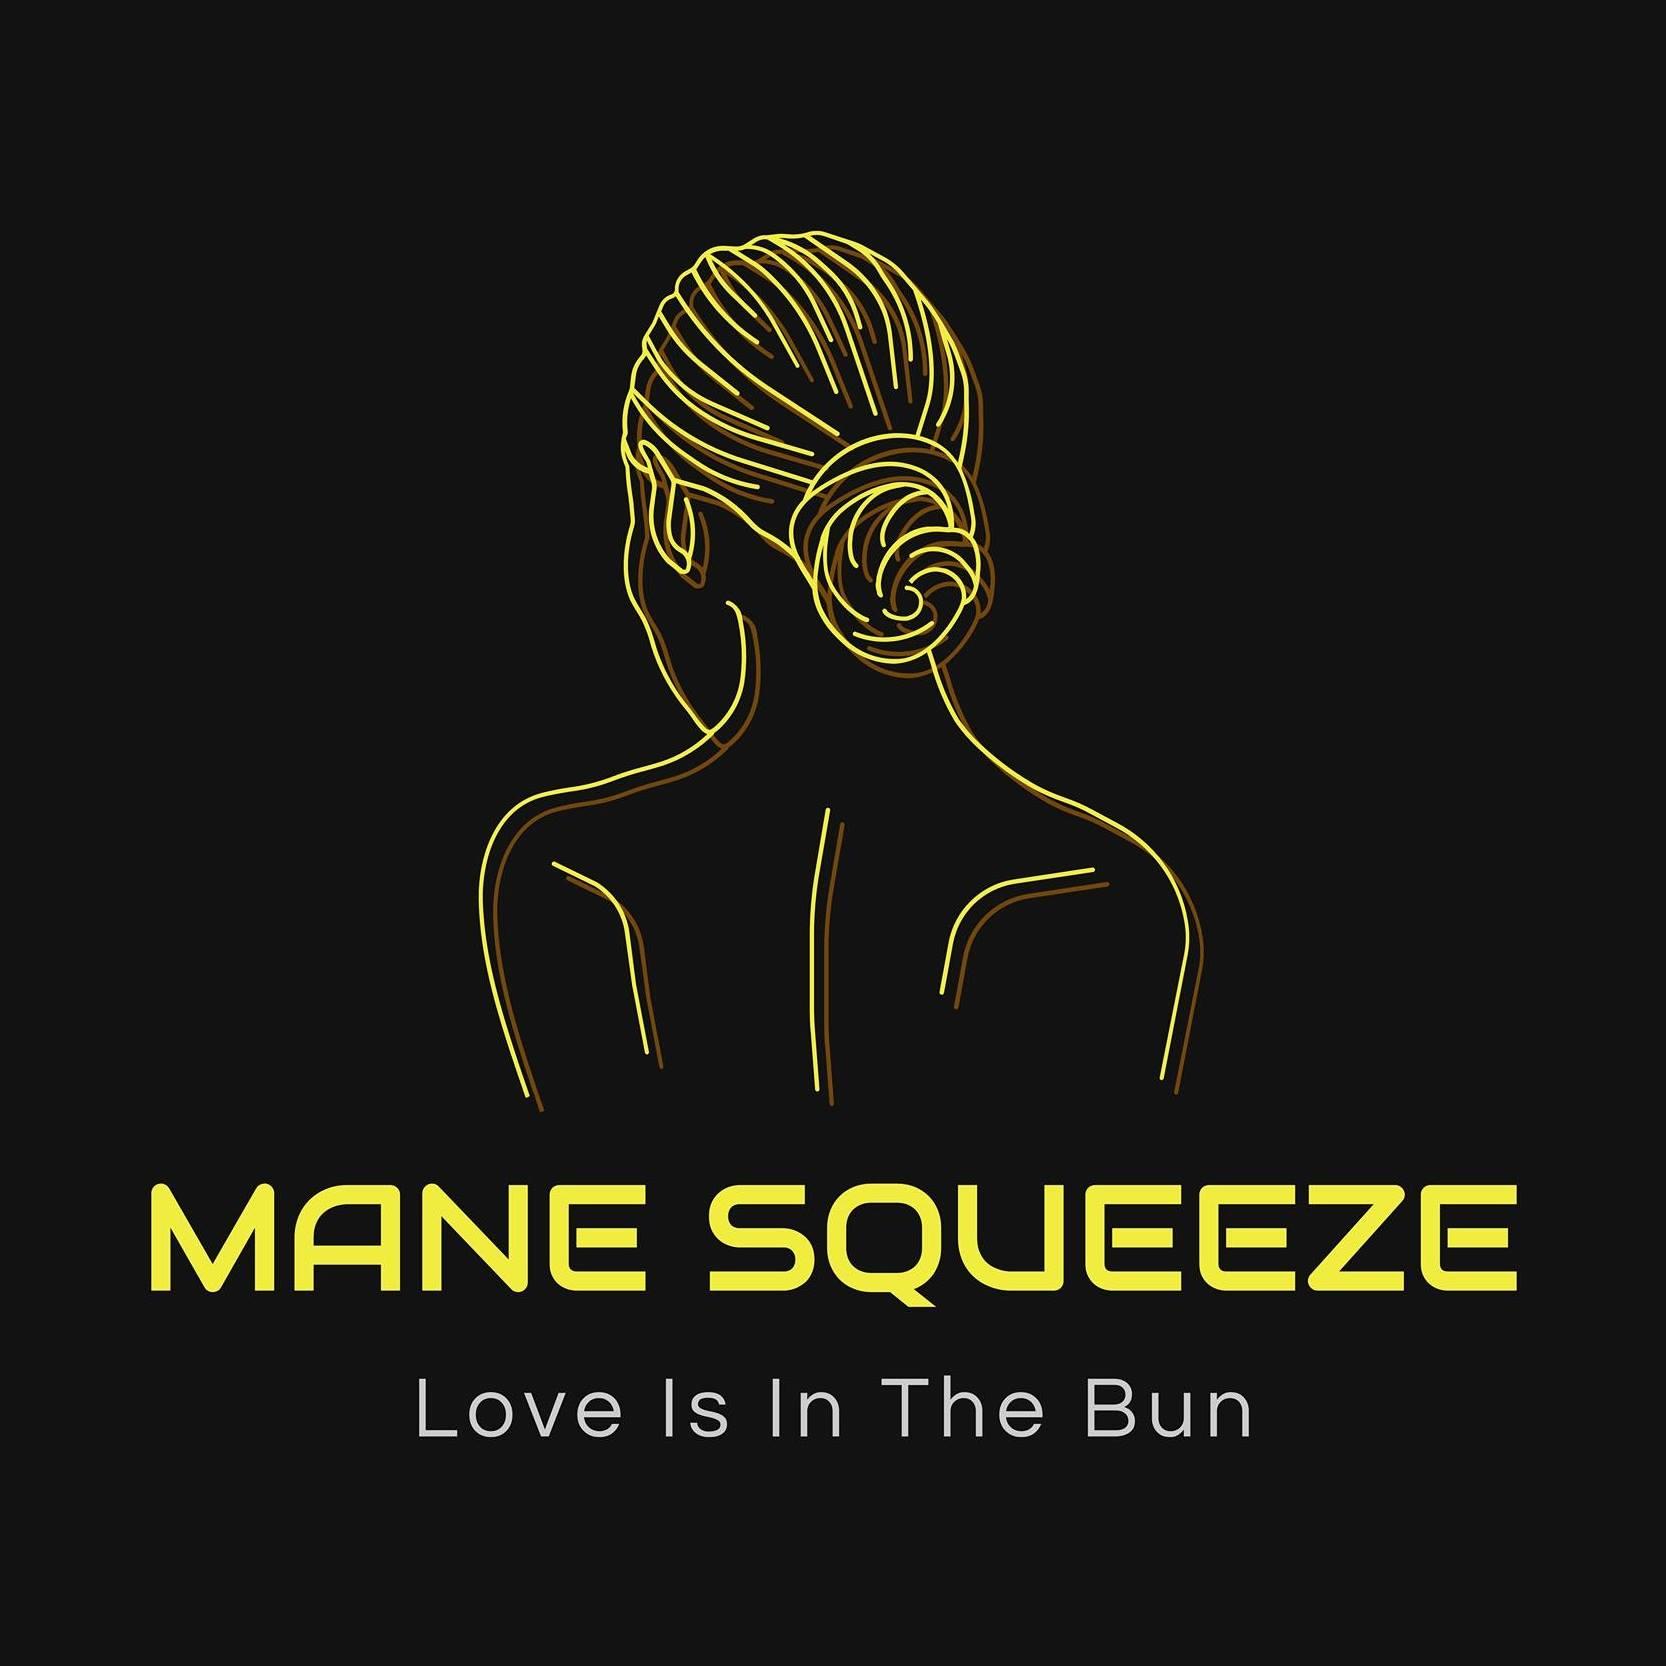 Mane Squeeze